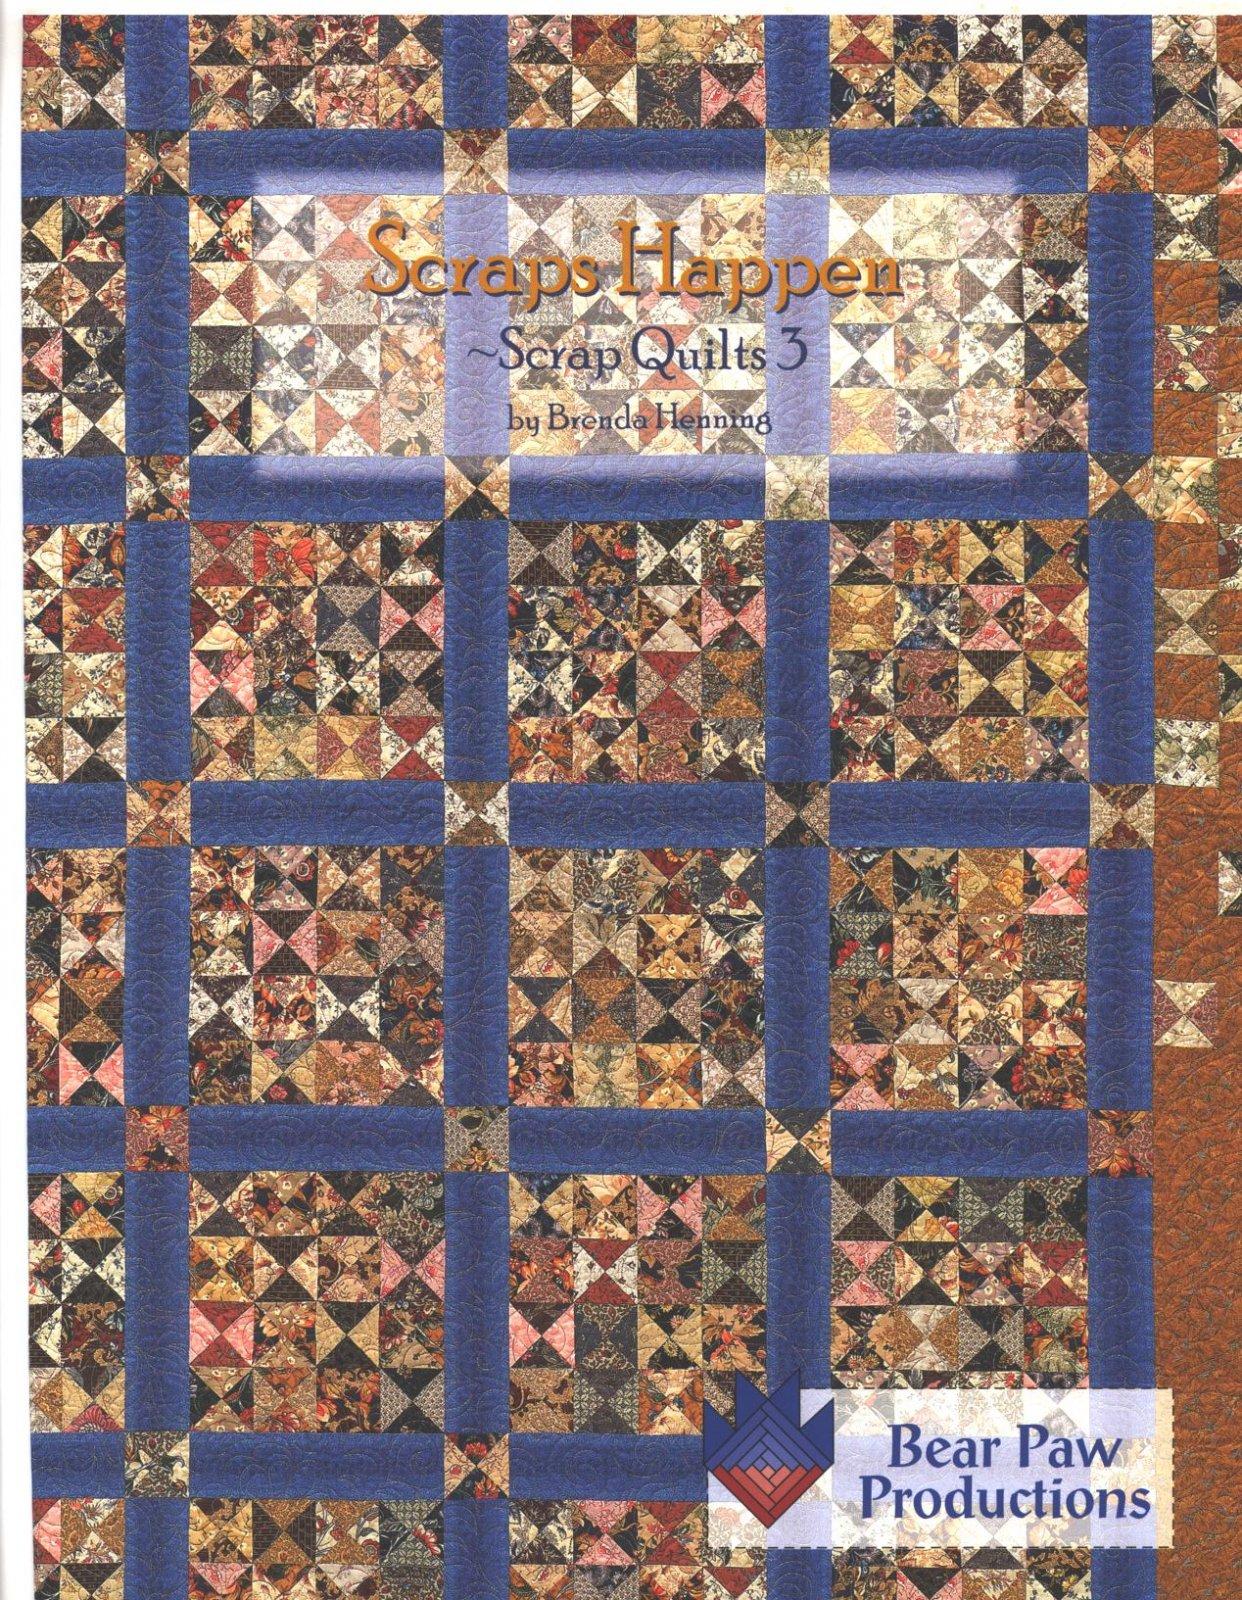 Scraps Happen ~ Scrap Quilts 3